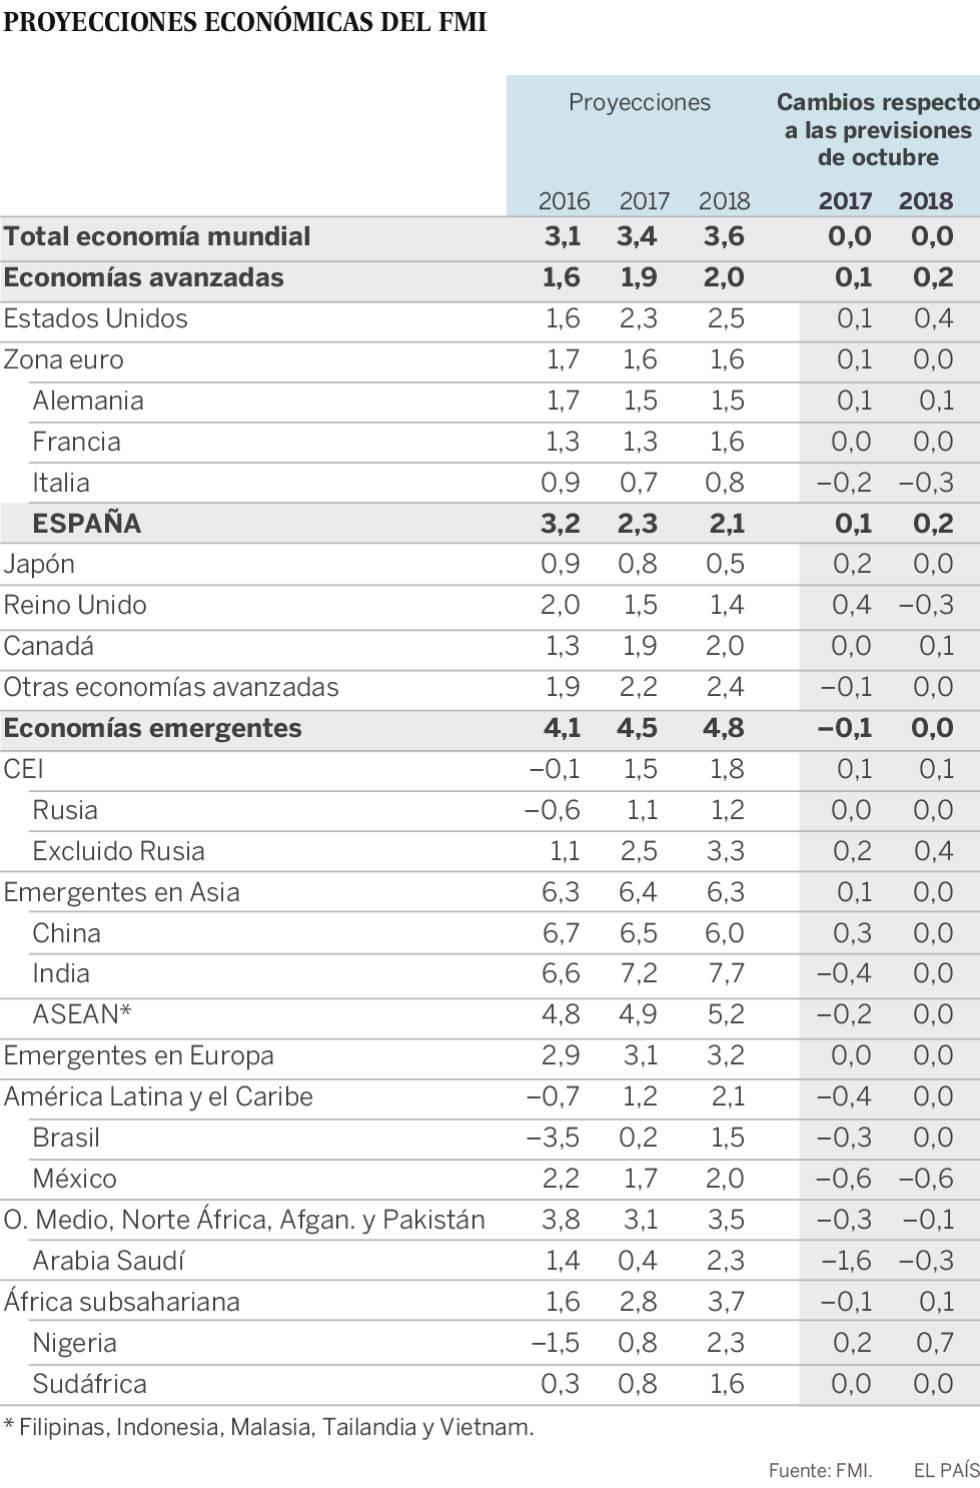 La recuperación en América Latina será más débil de lo esperado